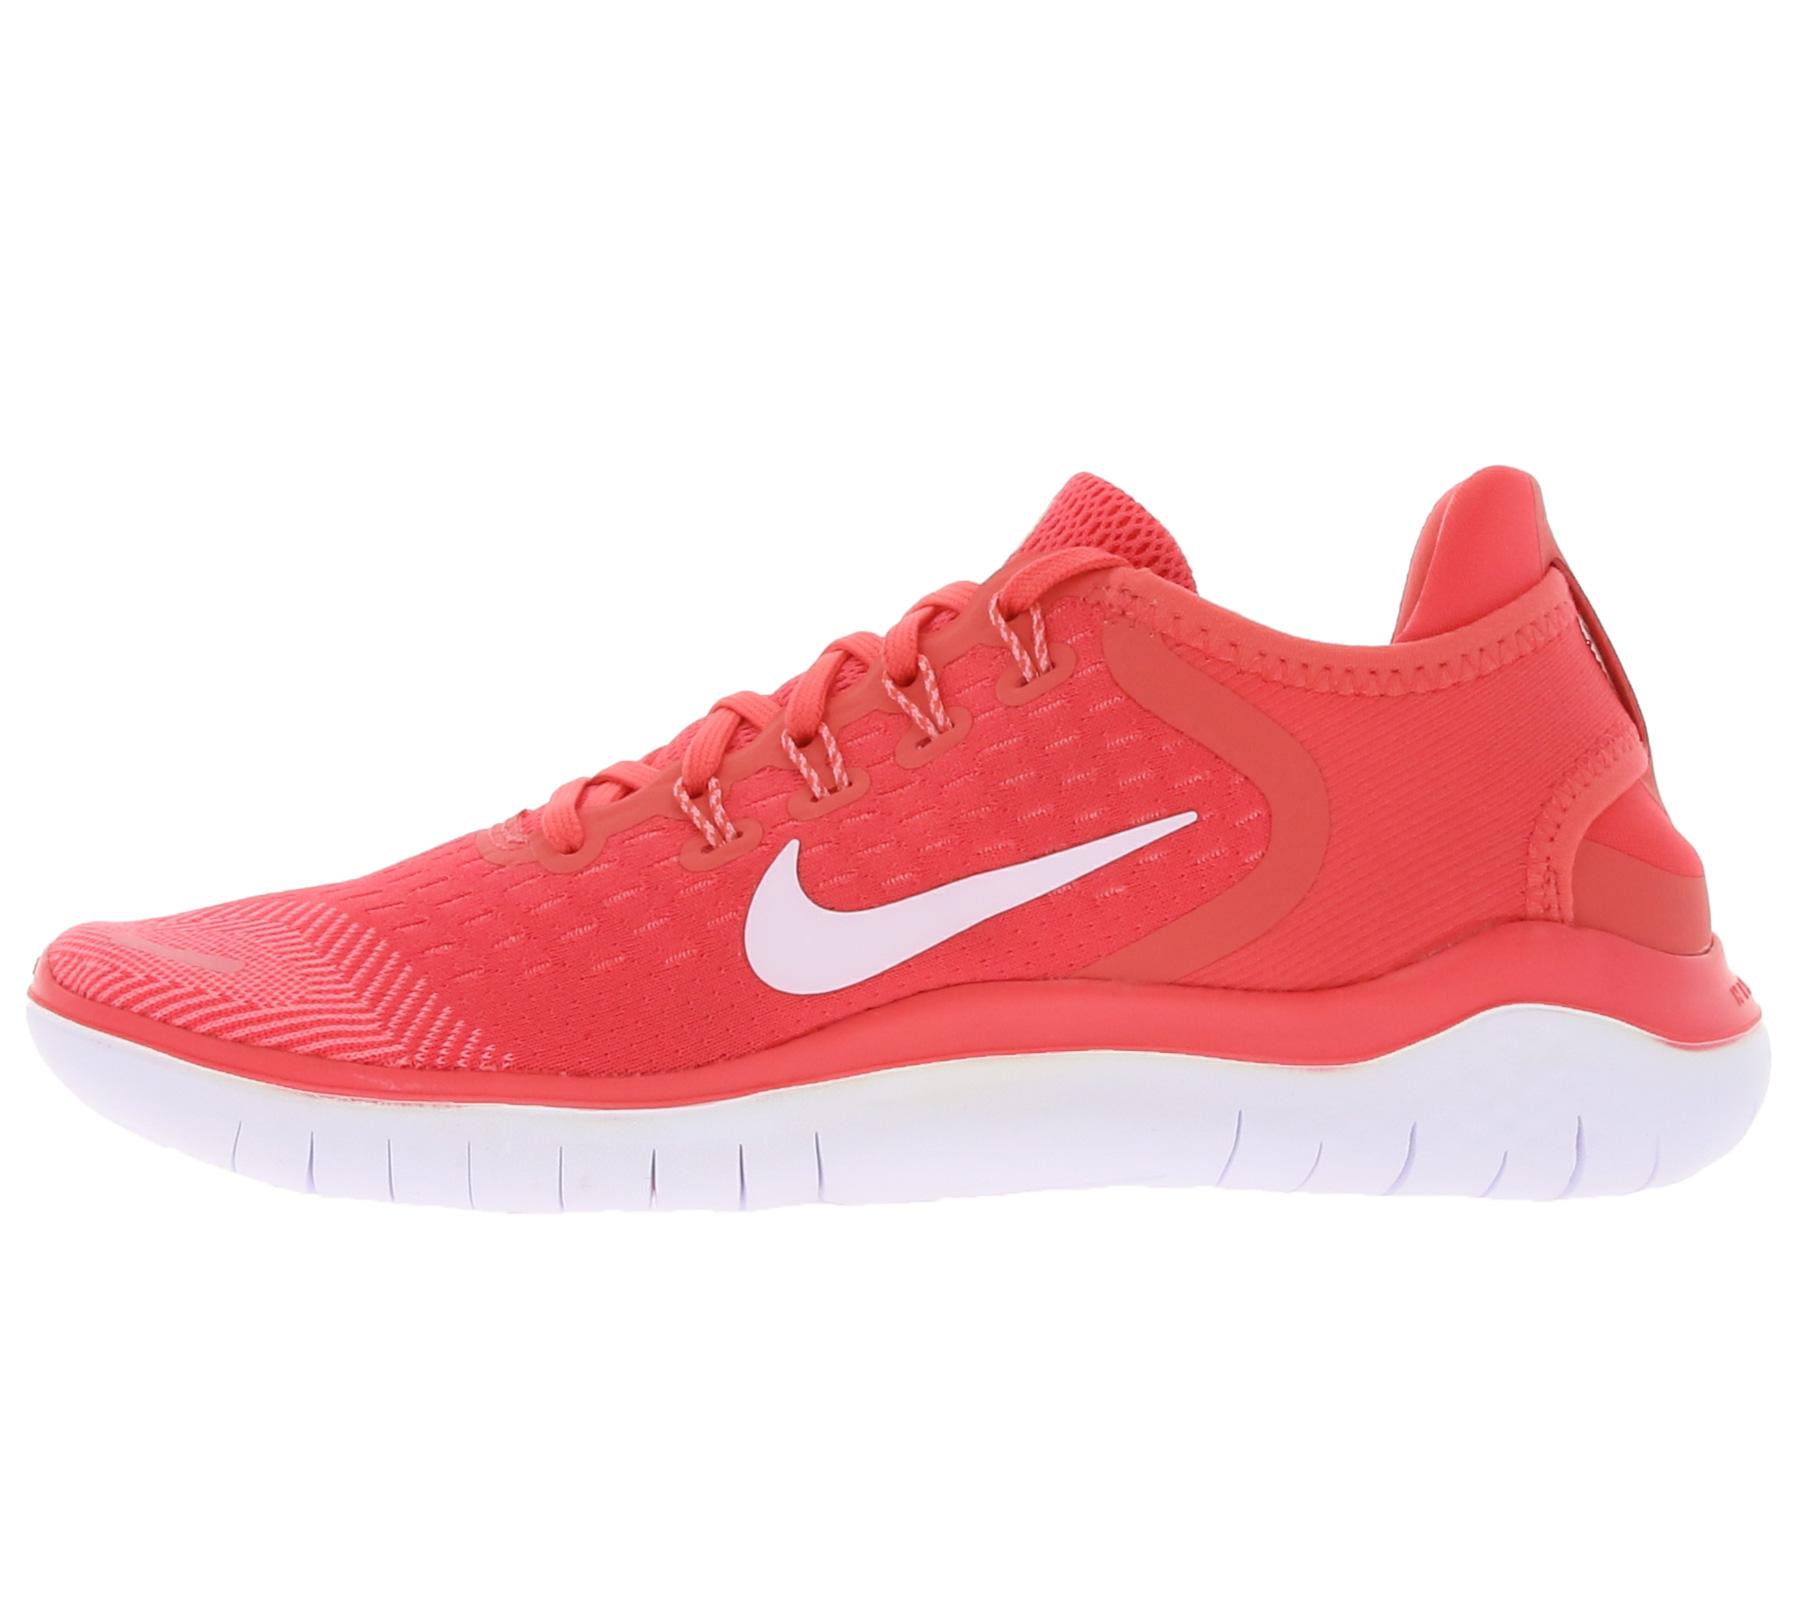 NIKE Schuhe & Sneaker im SALE auf Rechnung kaufen | O46